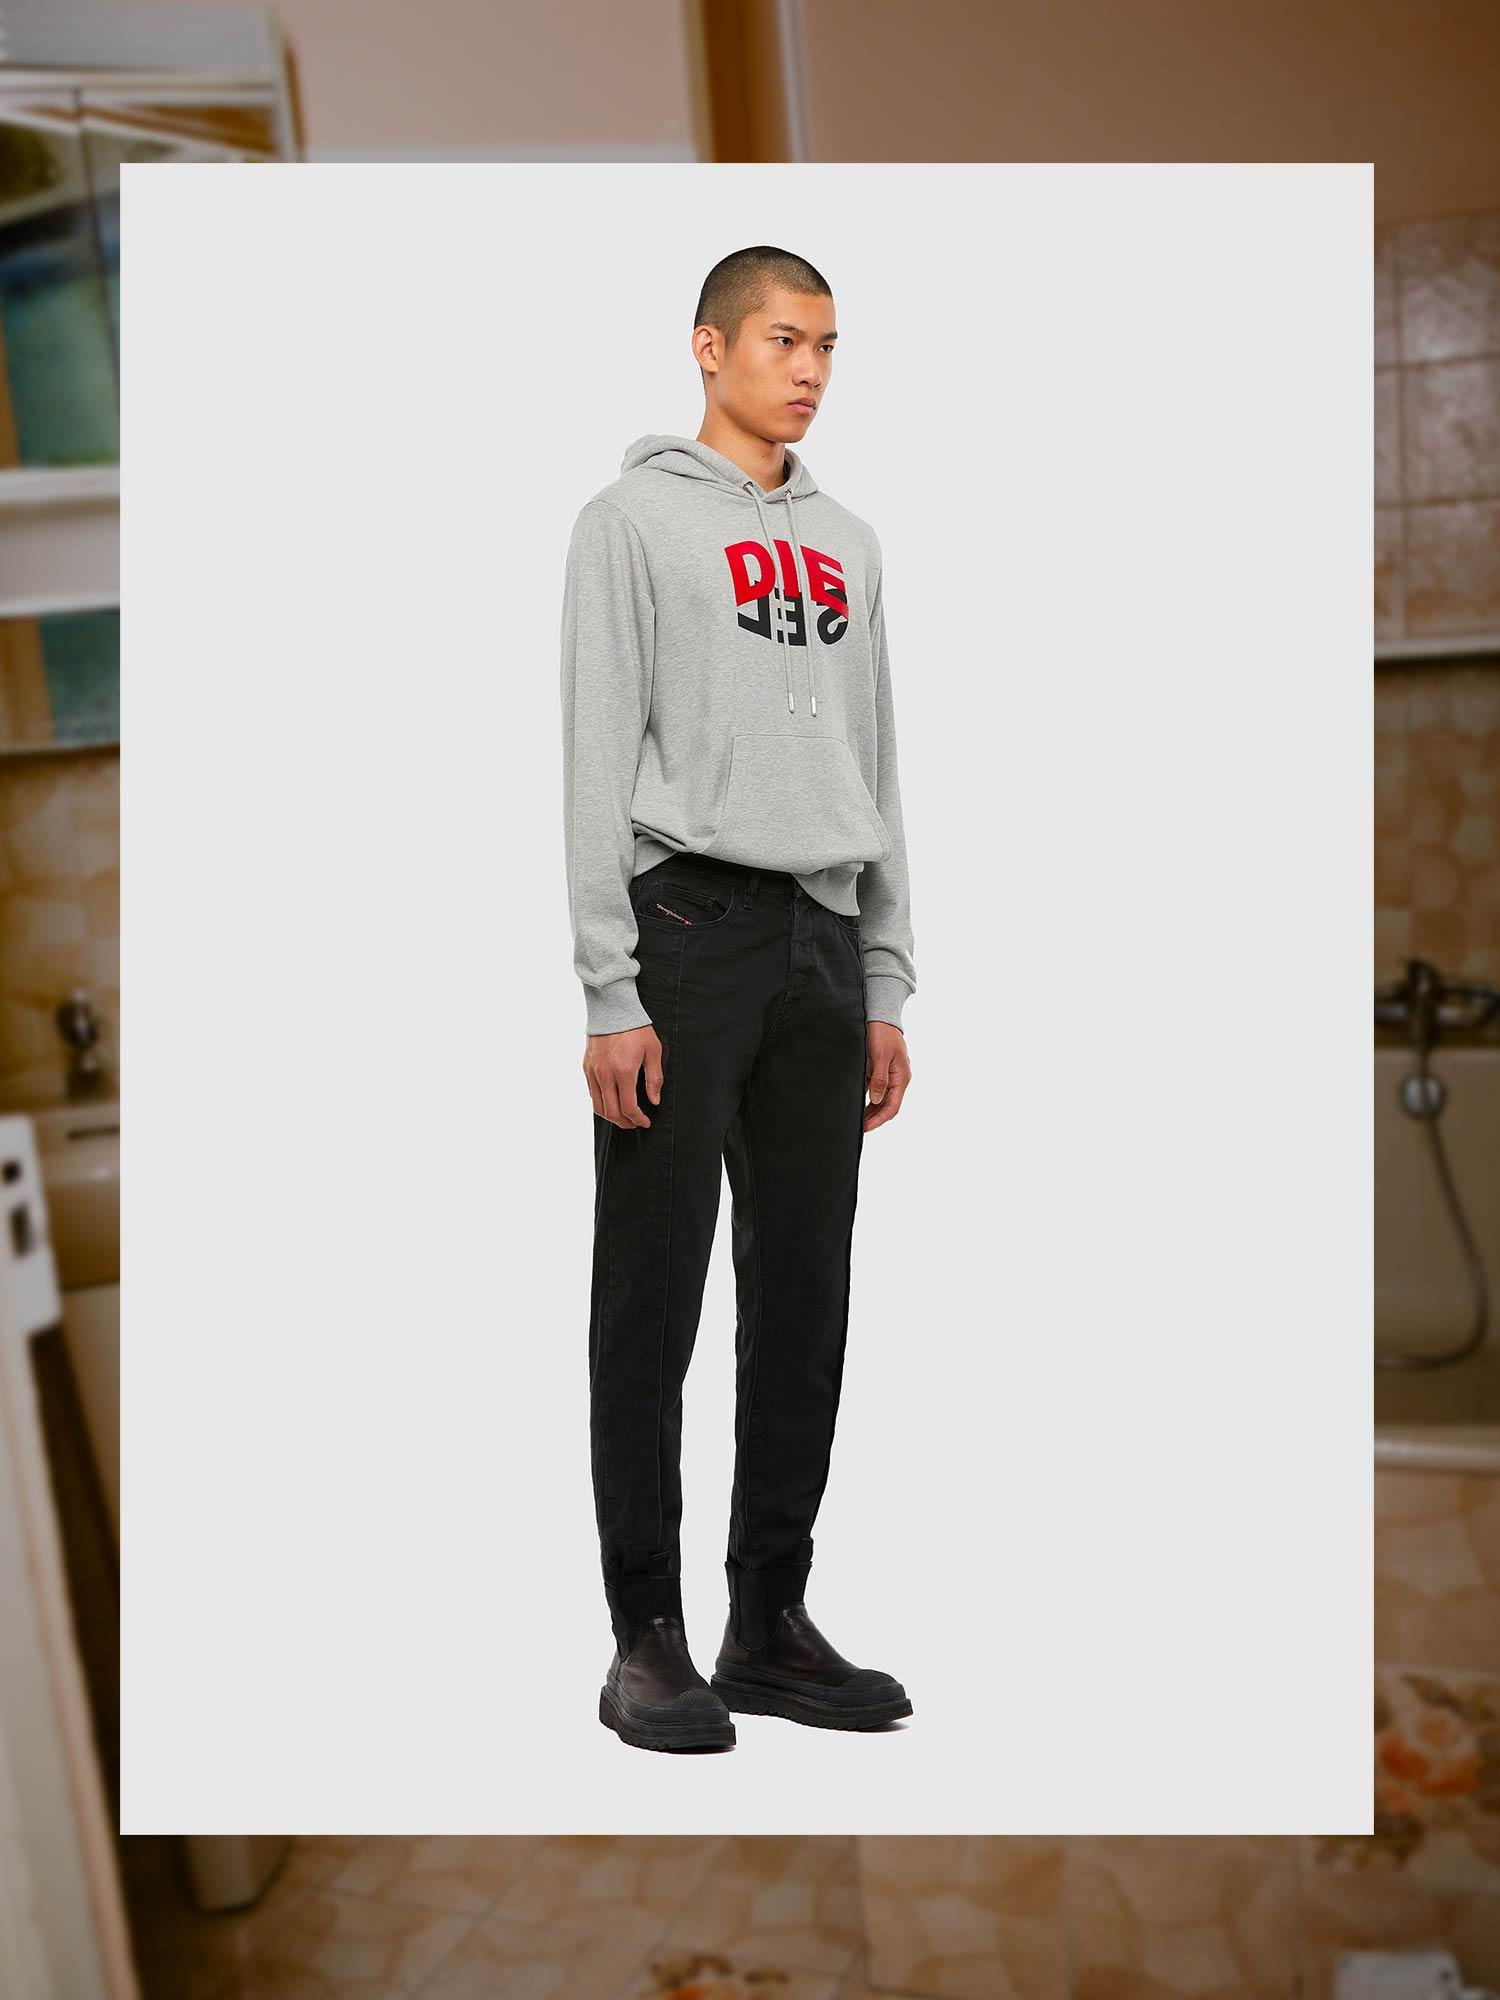 Diesel Jeans Carrot Fit: D-Vider   Shop Now on Diesel.com